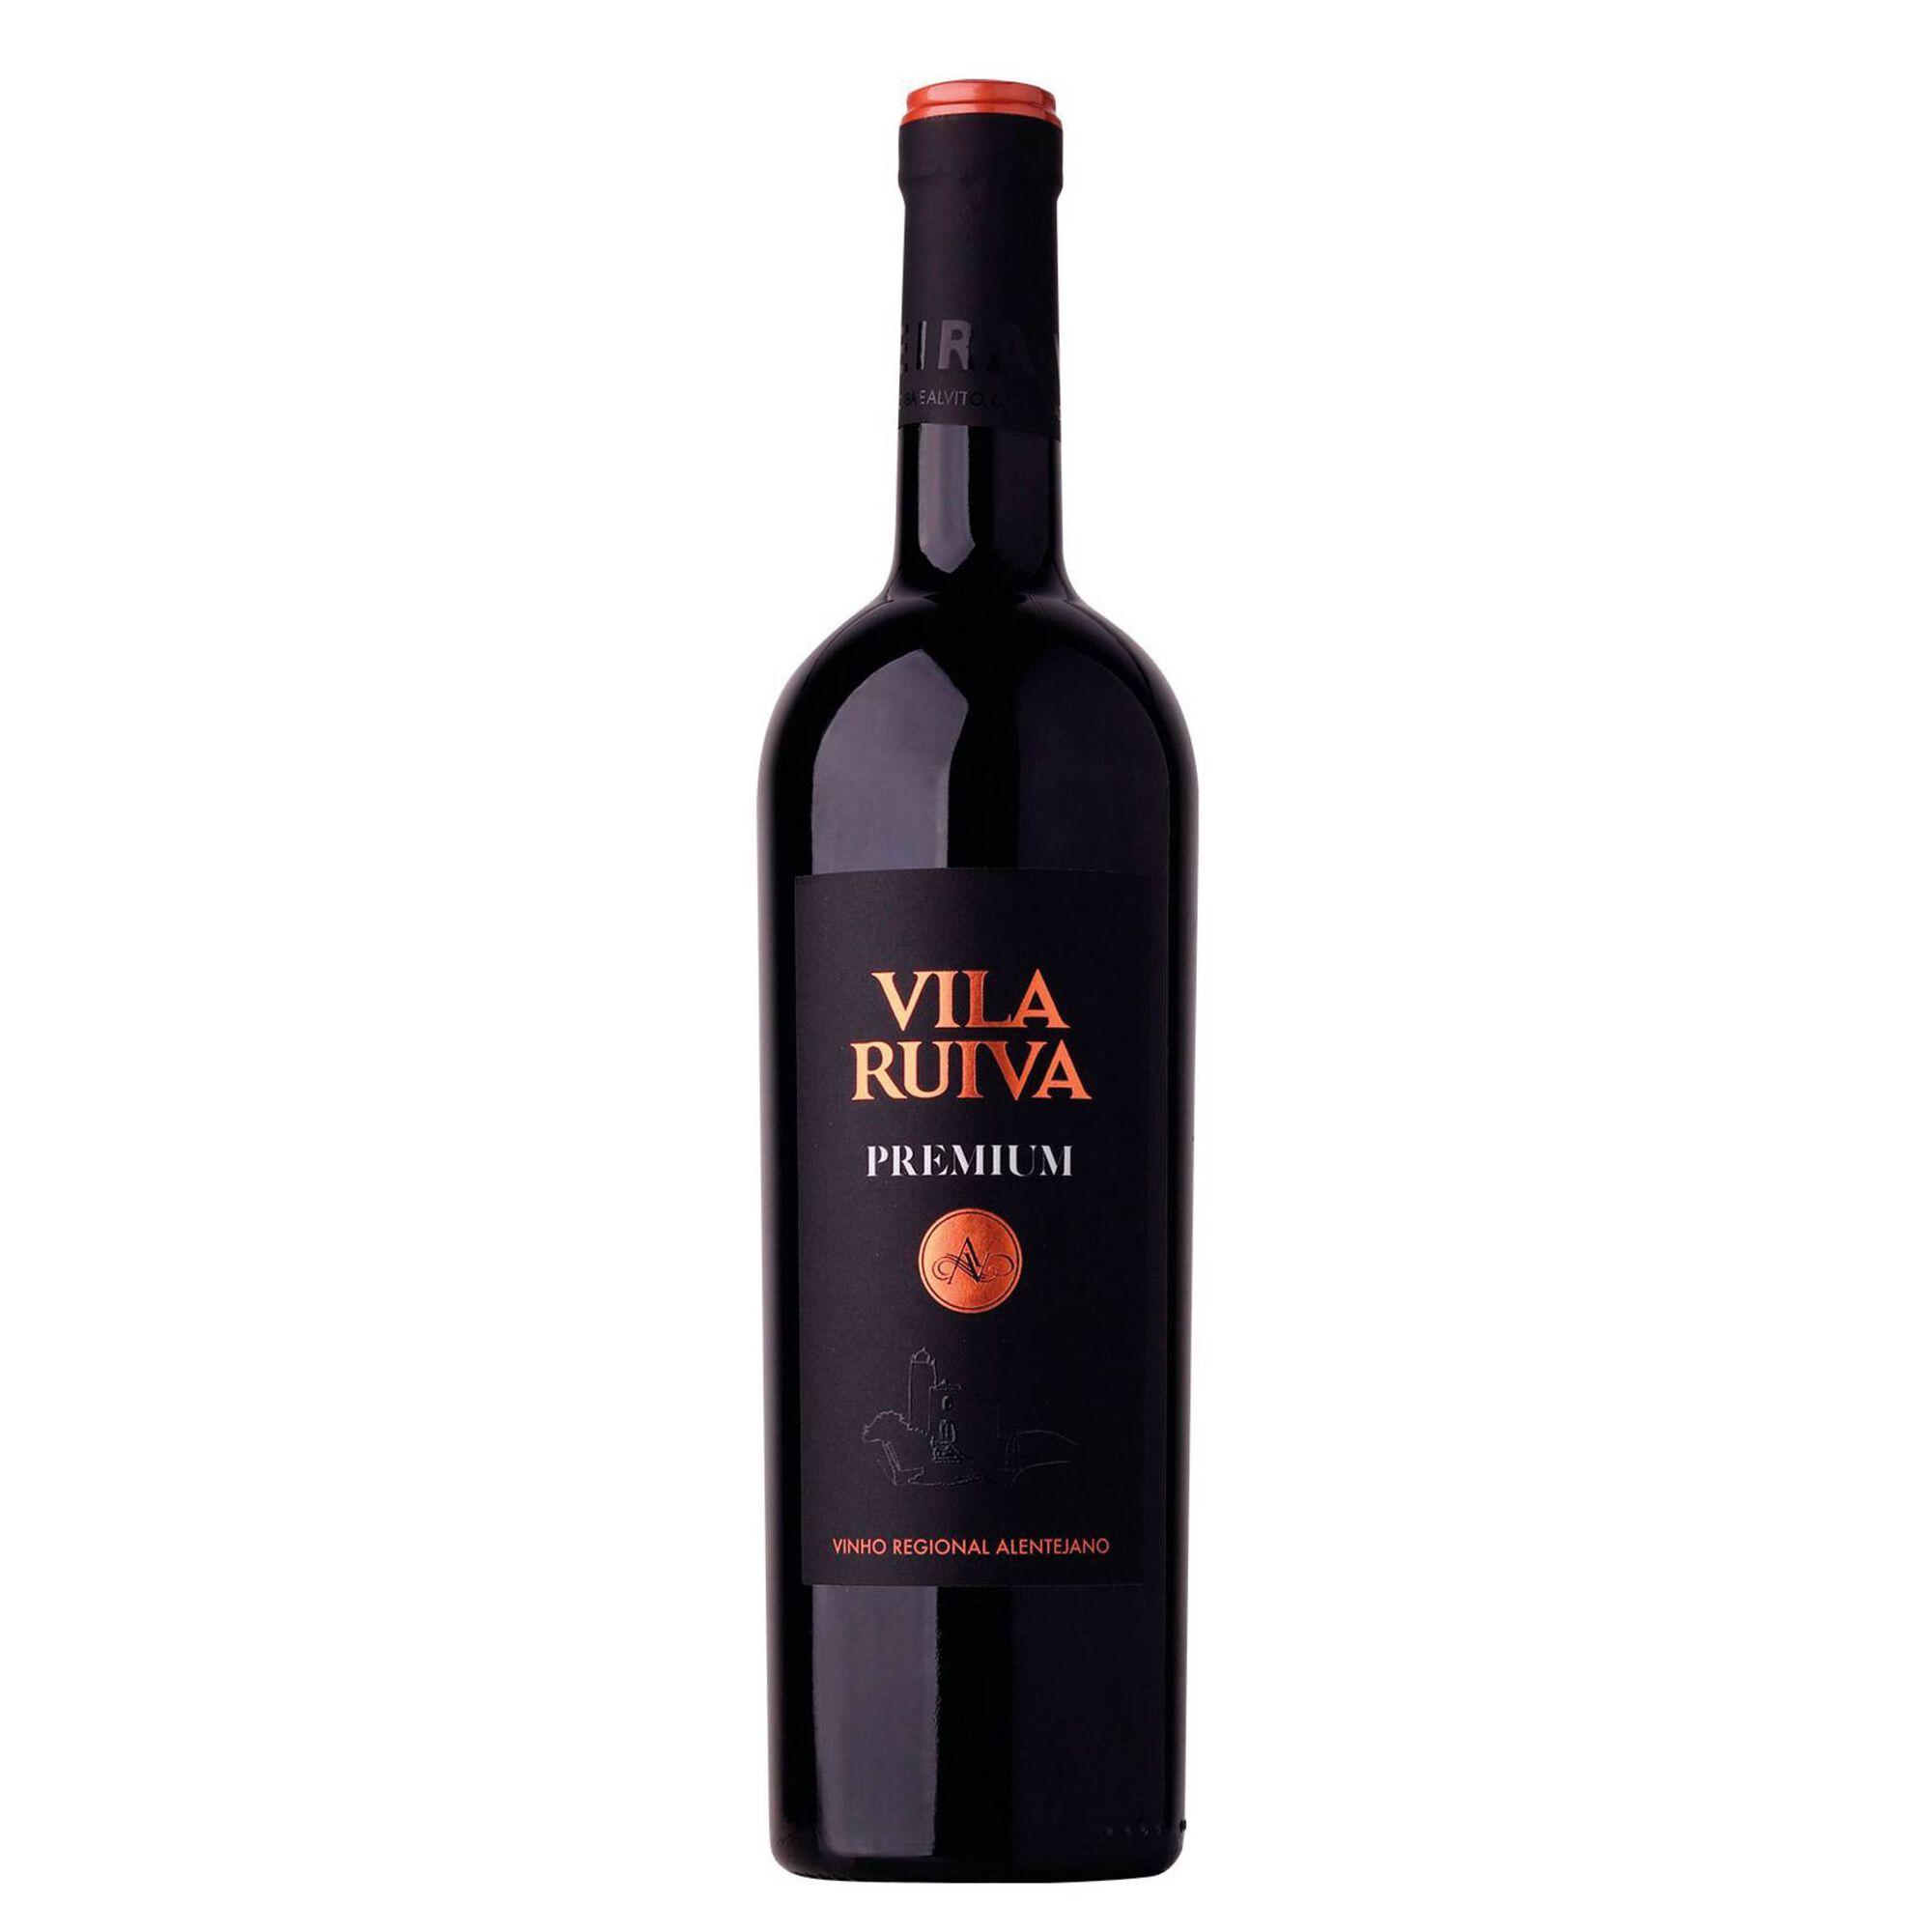 Vila Ruiva Premium Regional Alentejano Vinho Tinto